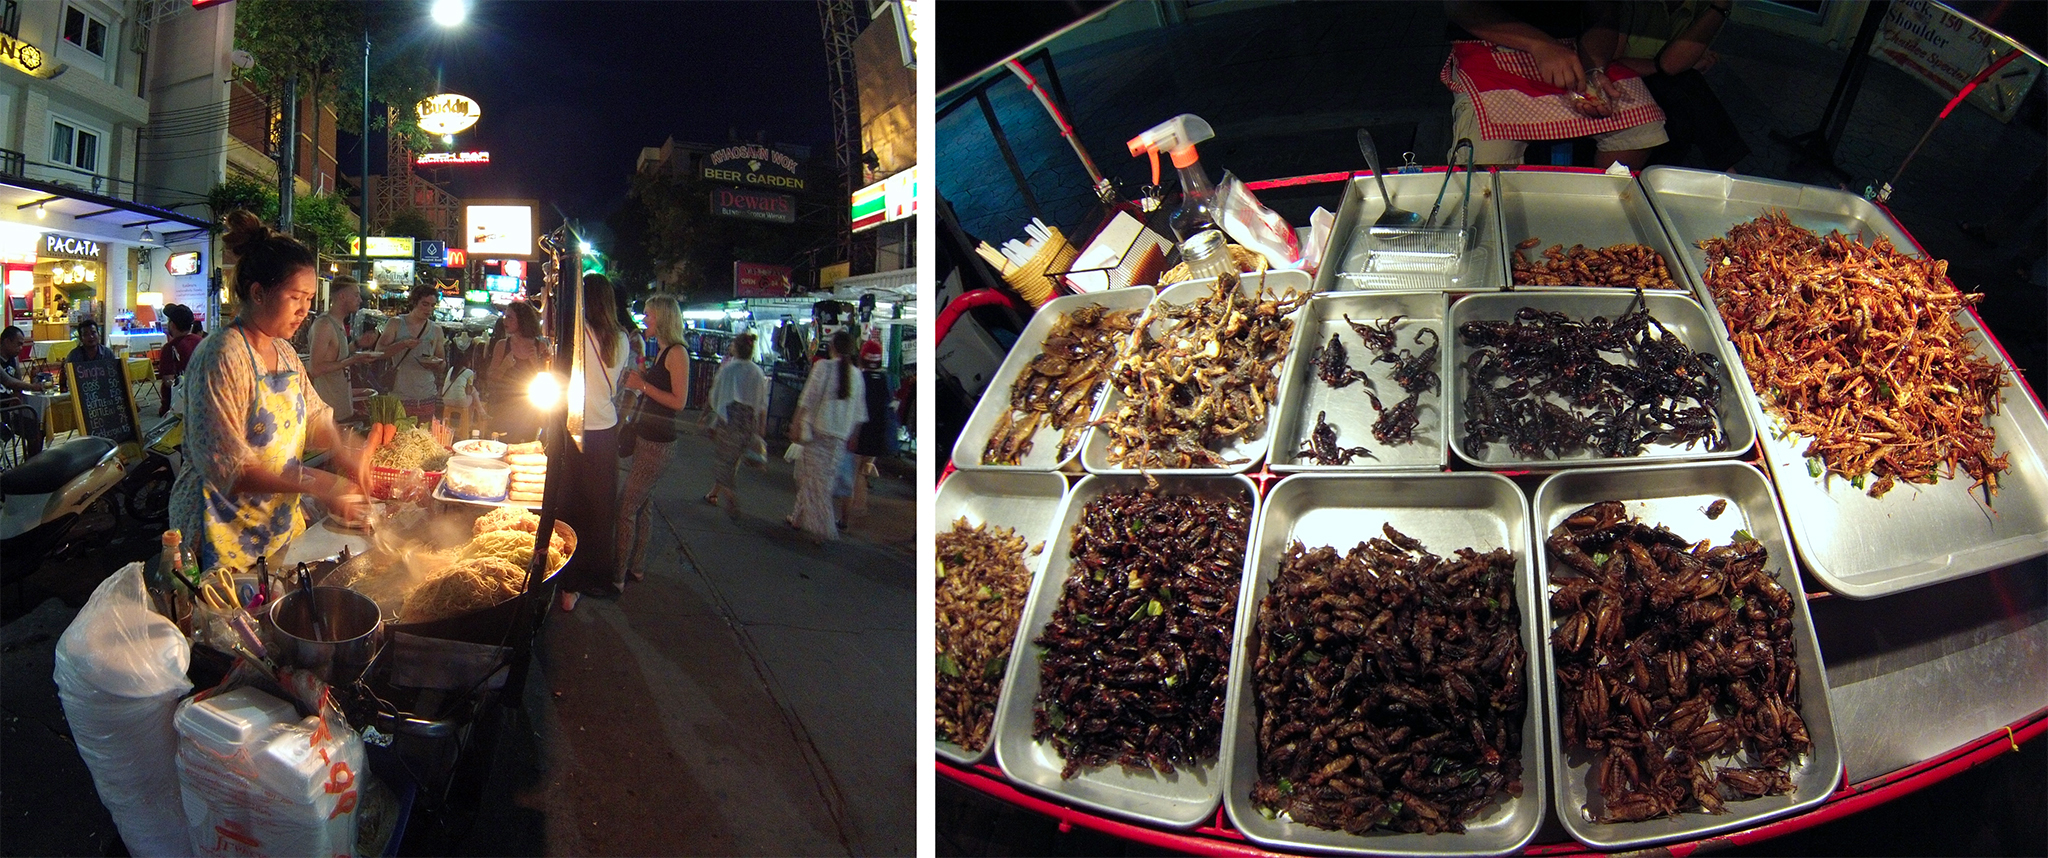 Qué hacer en Bangkok, qué ver en Bangkok, Tailandia qué hacer en bangkok - 26707311378 9bb858a0fb o - Qué hacer en Bangkok para descubrir su estilo de vida